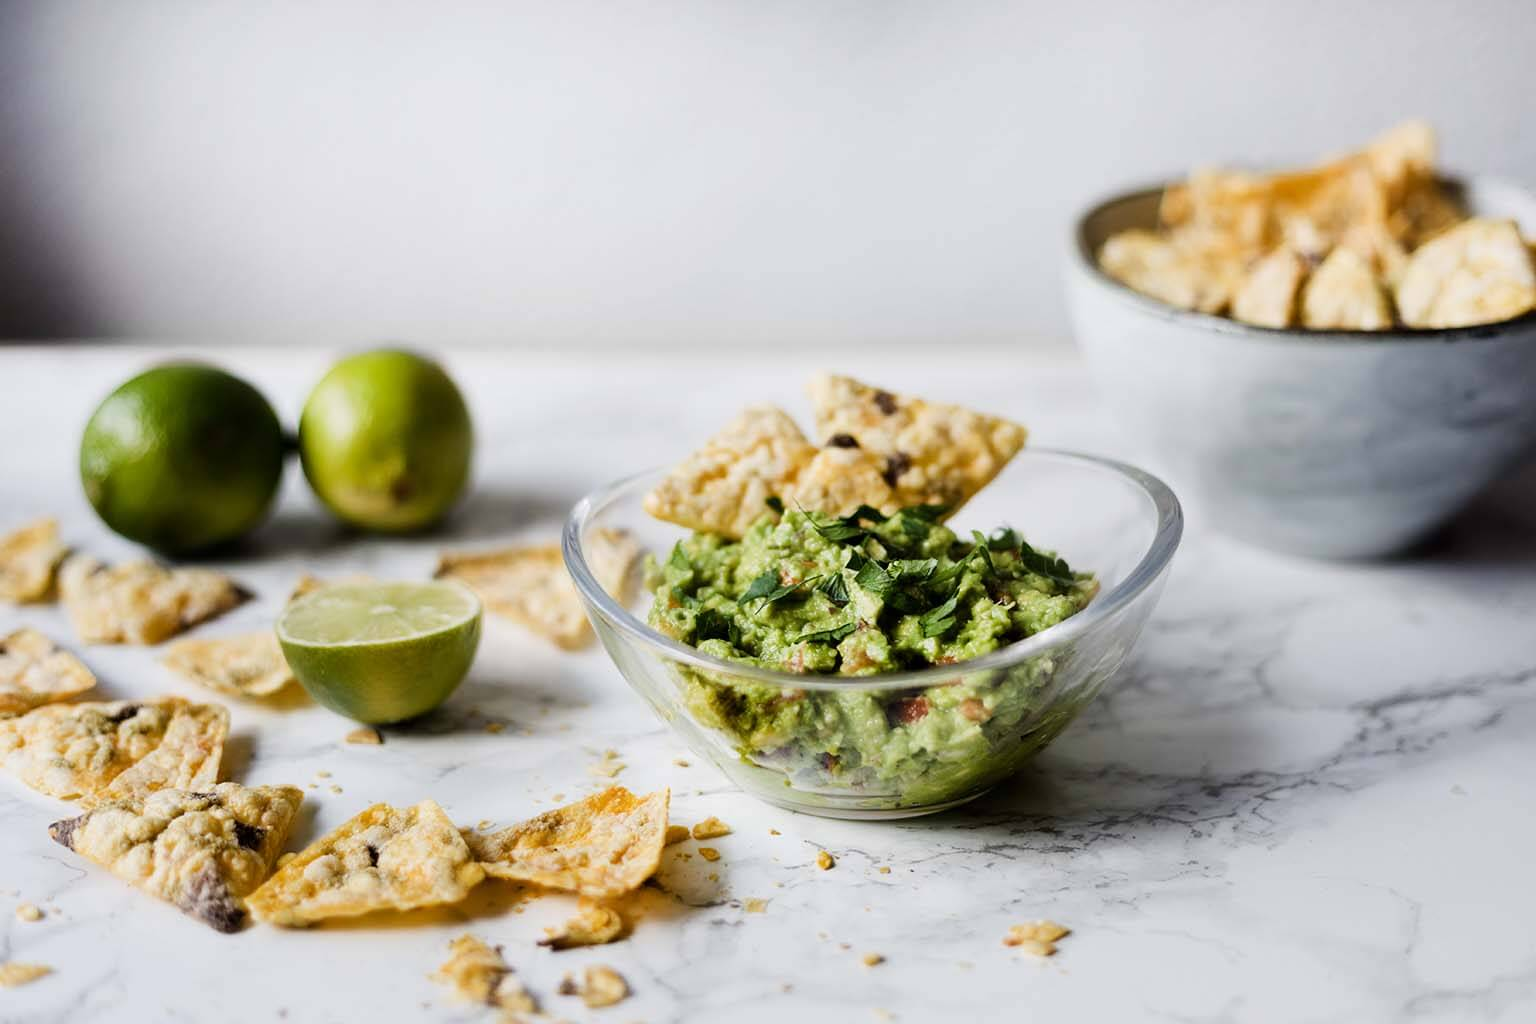 cómo preparar un rico guacamole casero